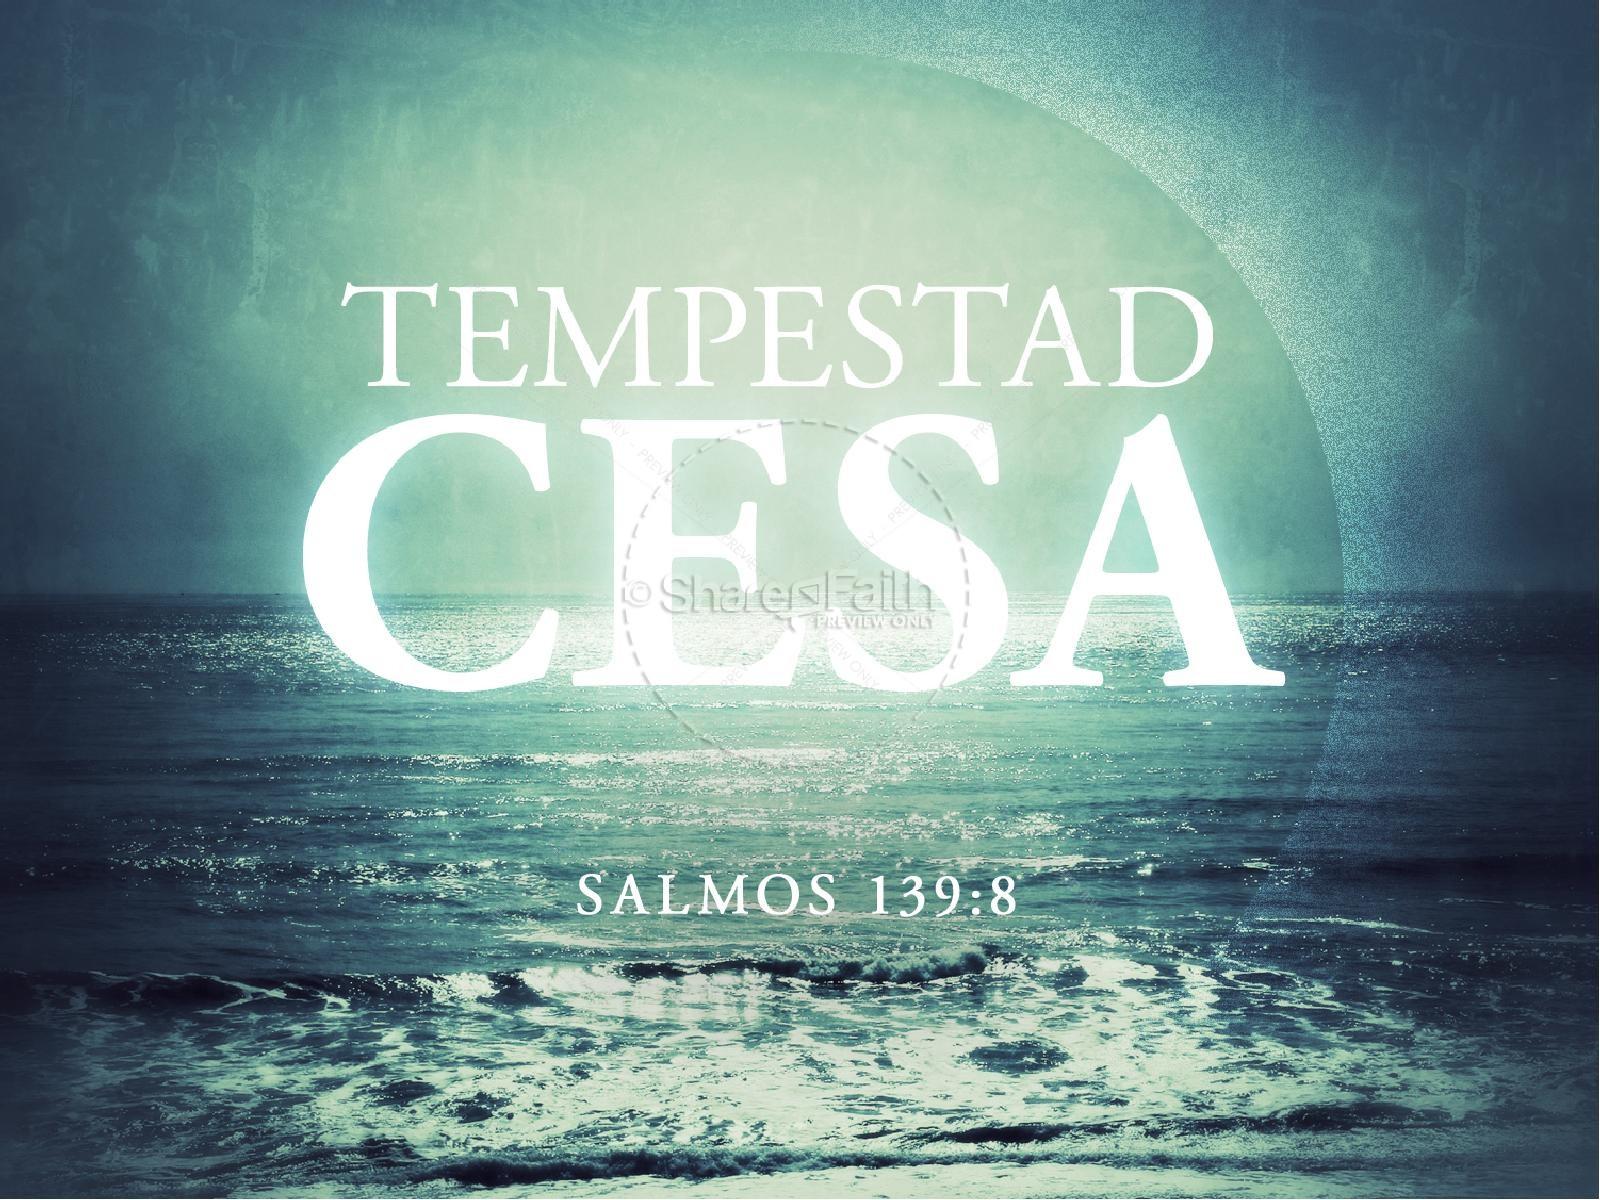 Tempestad Cesa PowerPoint Sermon